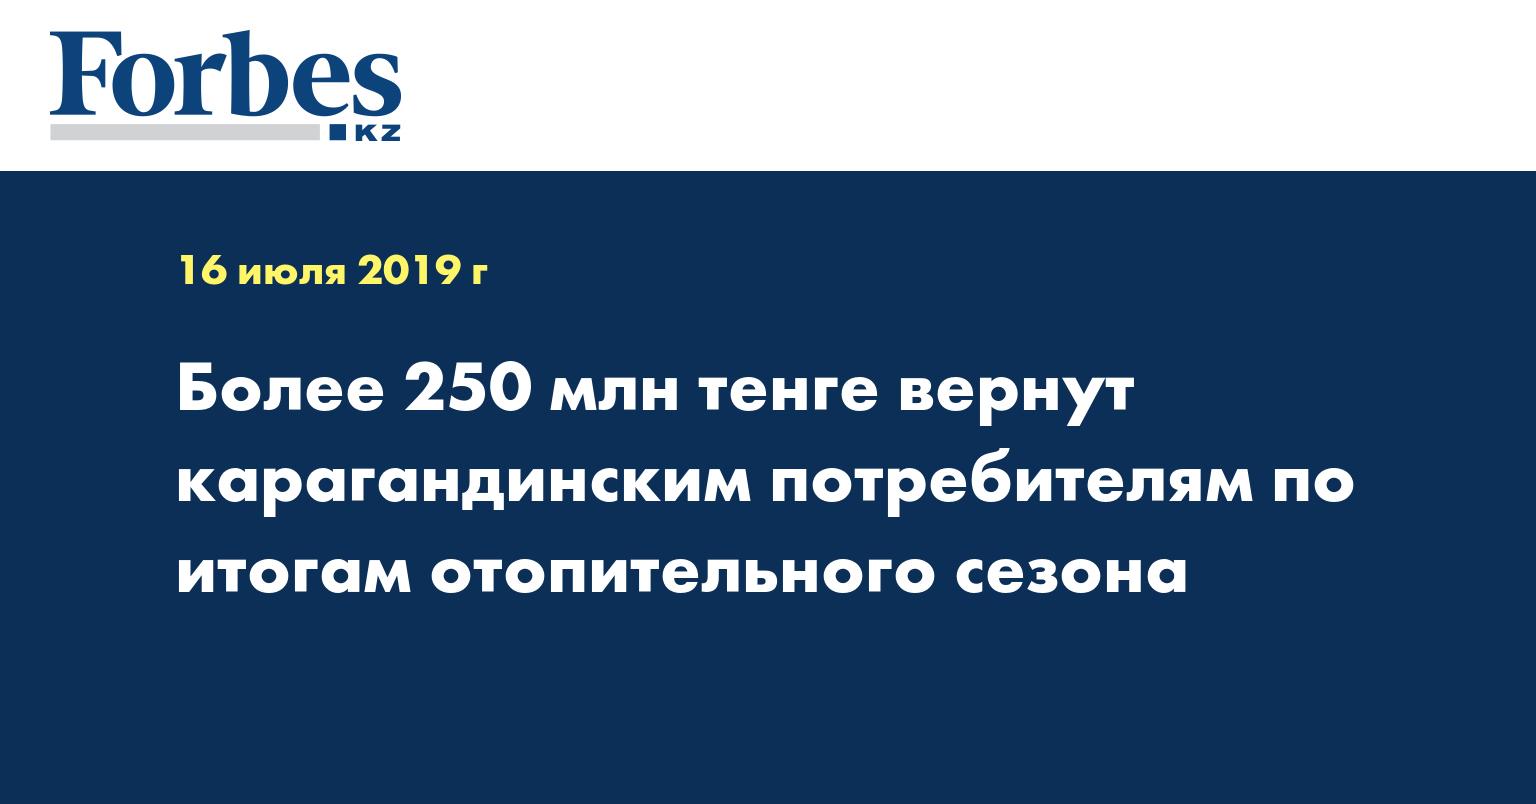 Более 250 млн тенге вернут карагандинским потребителям по итогам отопительного сезона